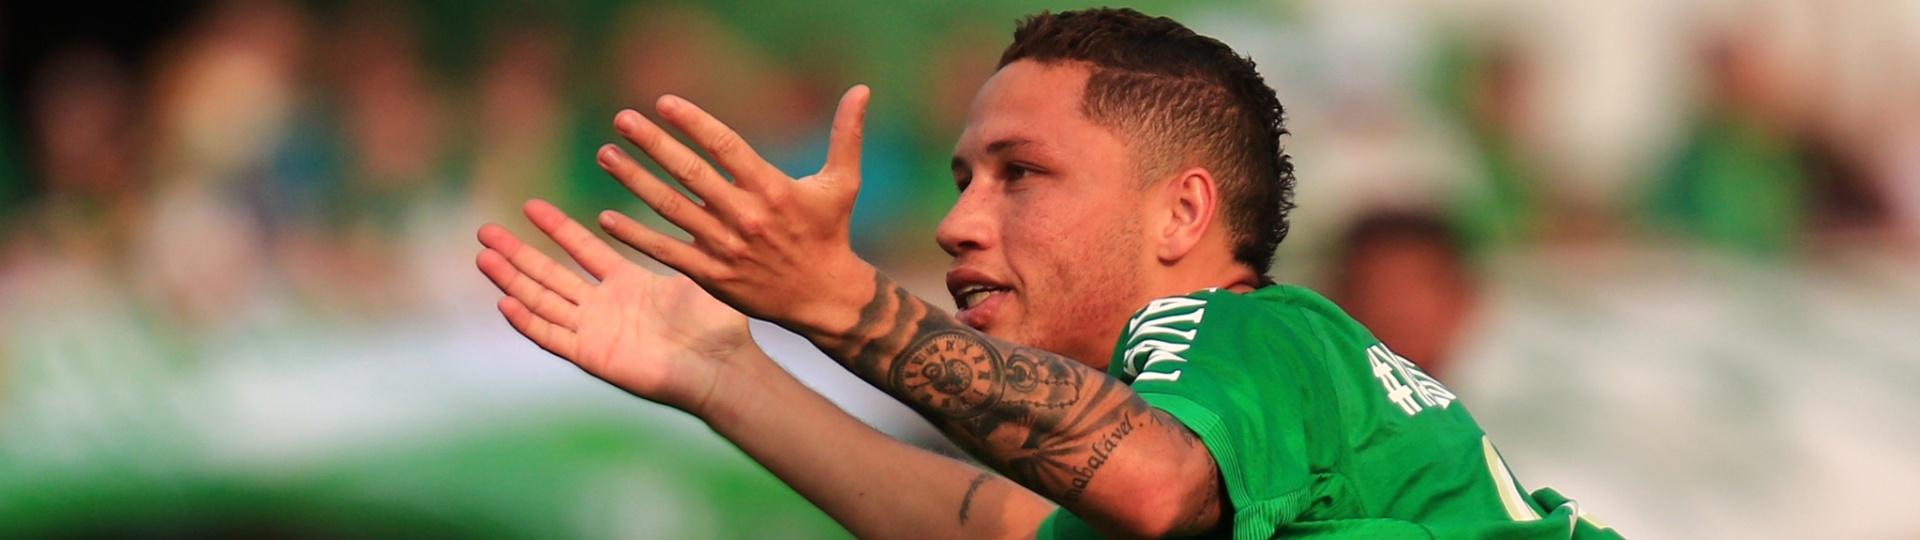 Gol da Chapecoense contra a Ponte Preta foi marcado por Lucas Marques